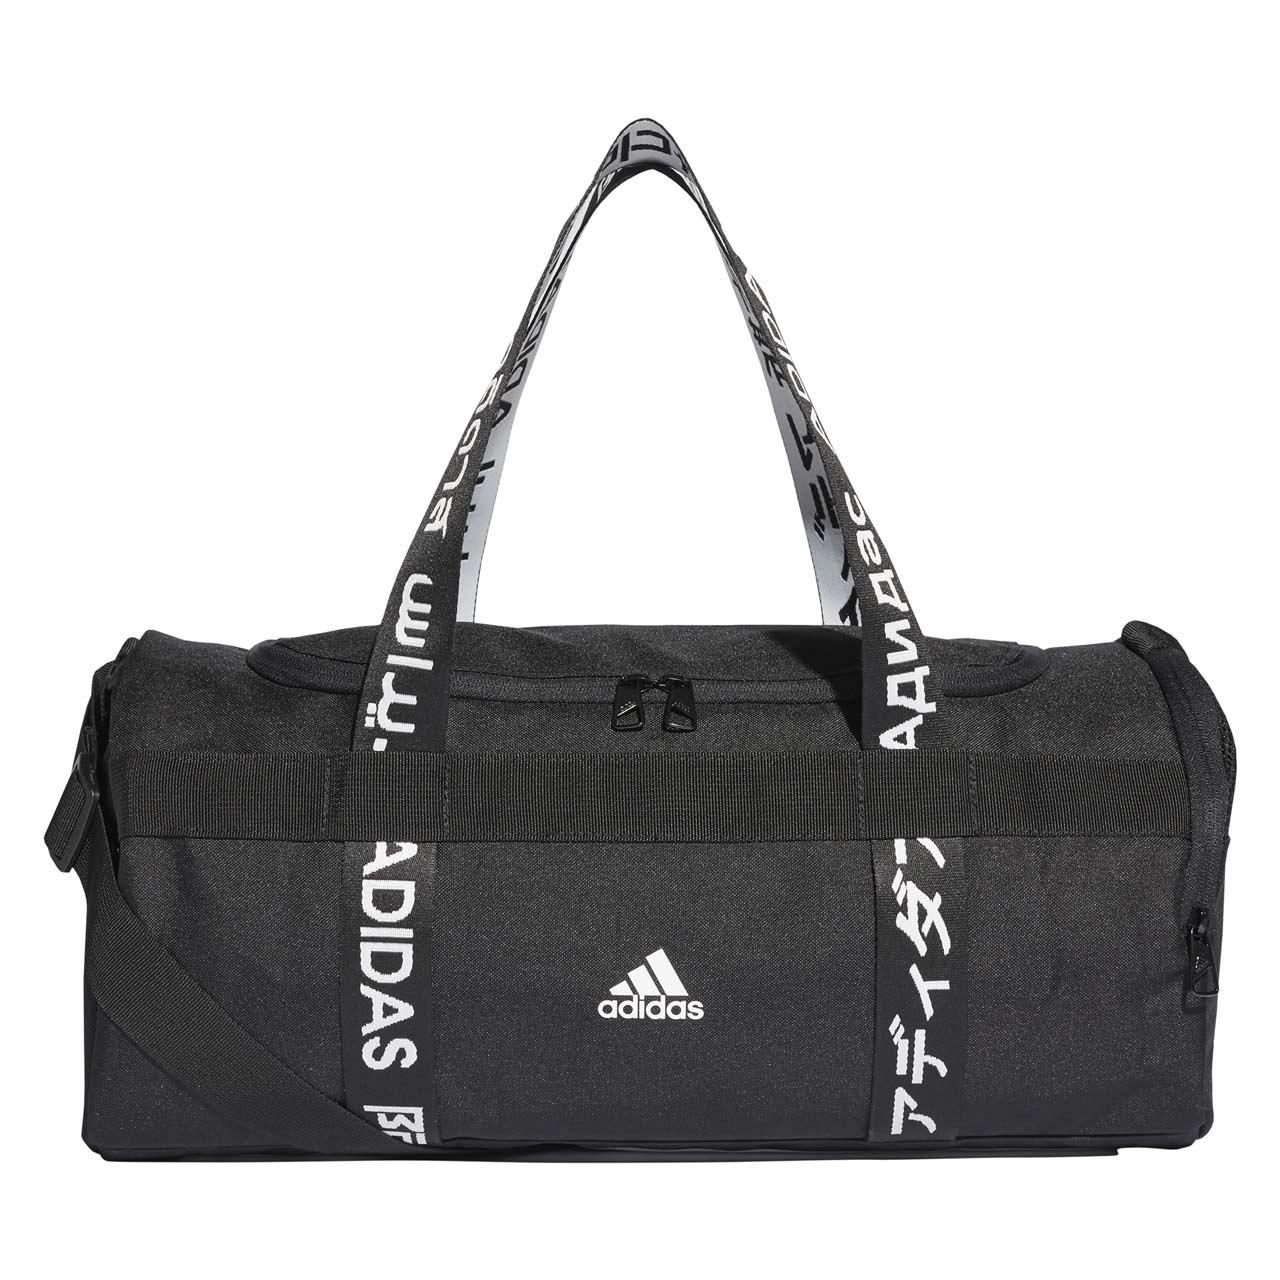 Sporttasche 4ATHLTS Duffelbag S 21,5 Liter